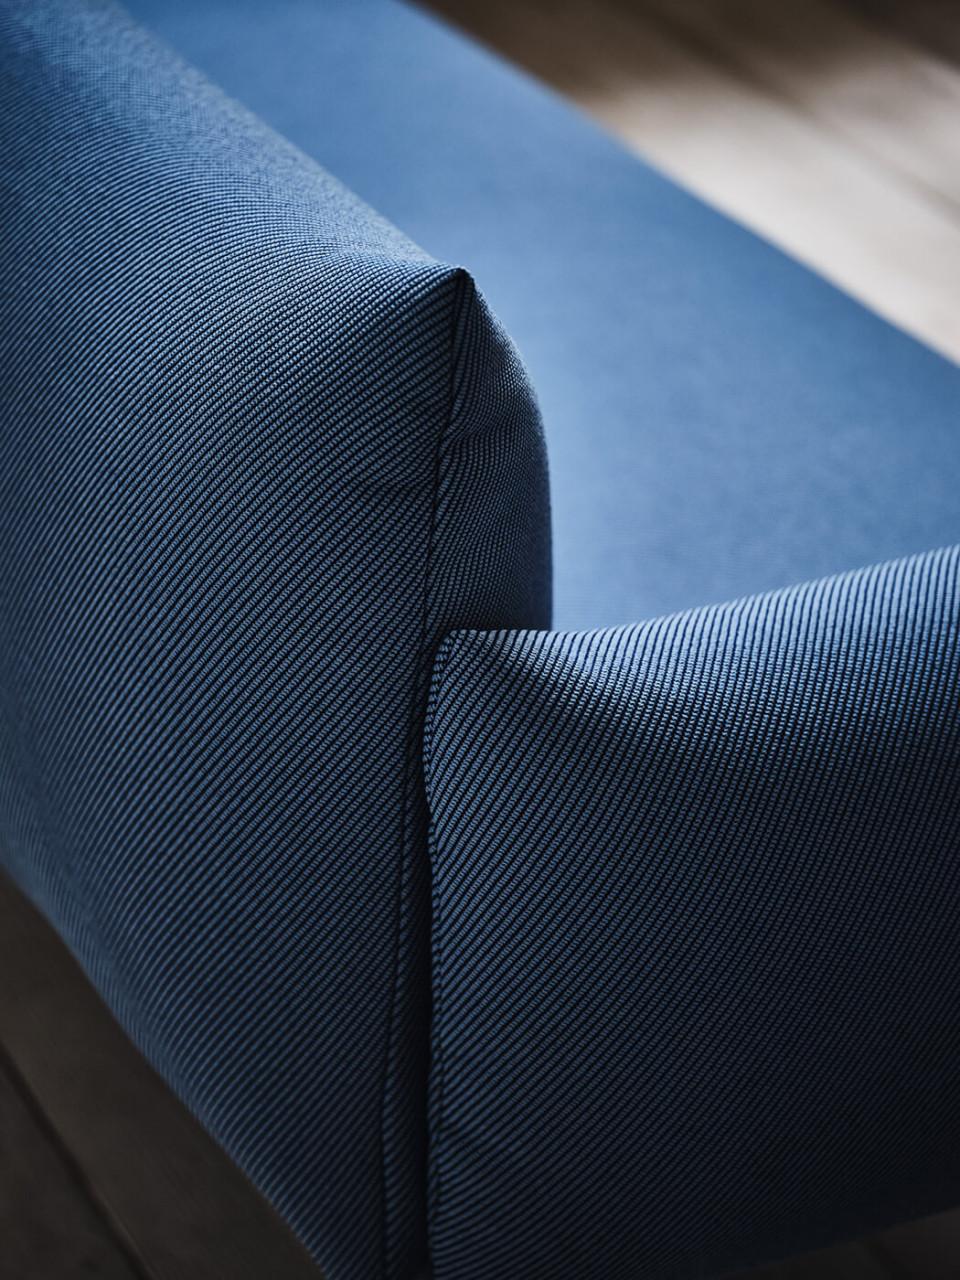 Dettaglio del divano Area in tessuto blu